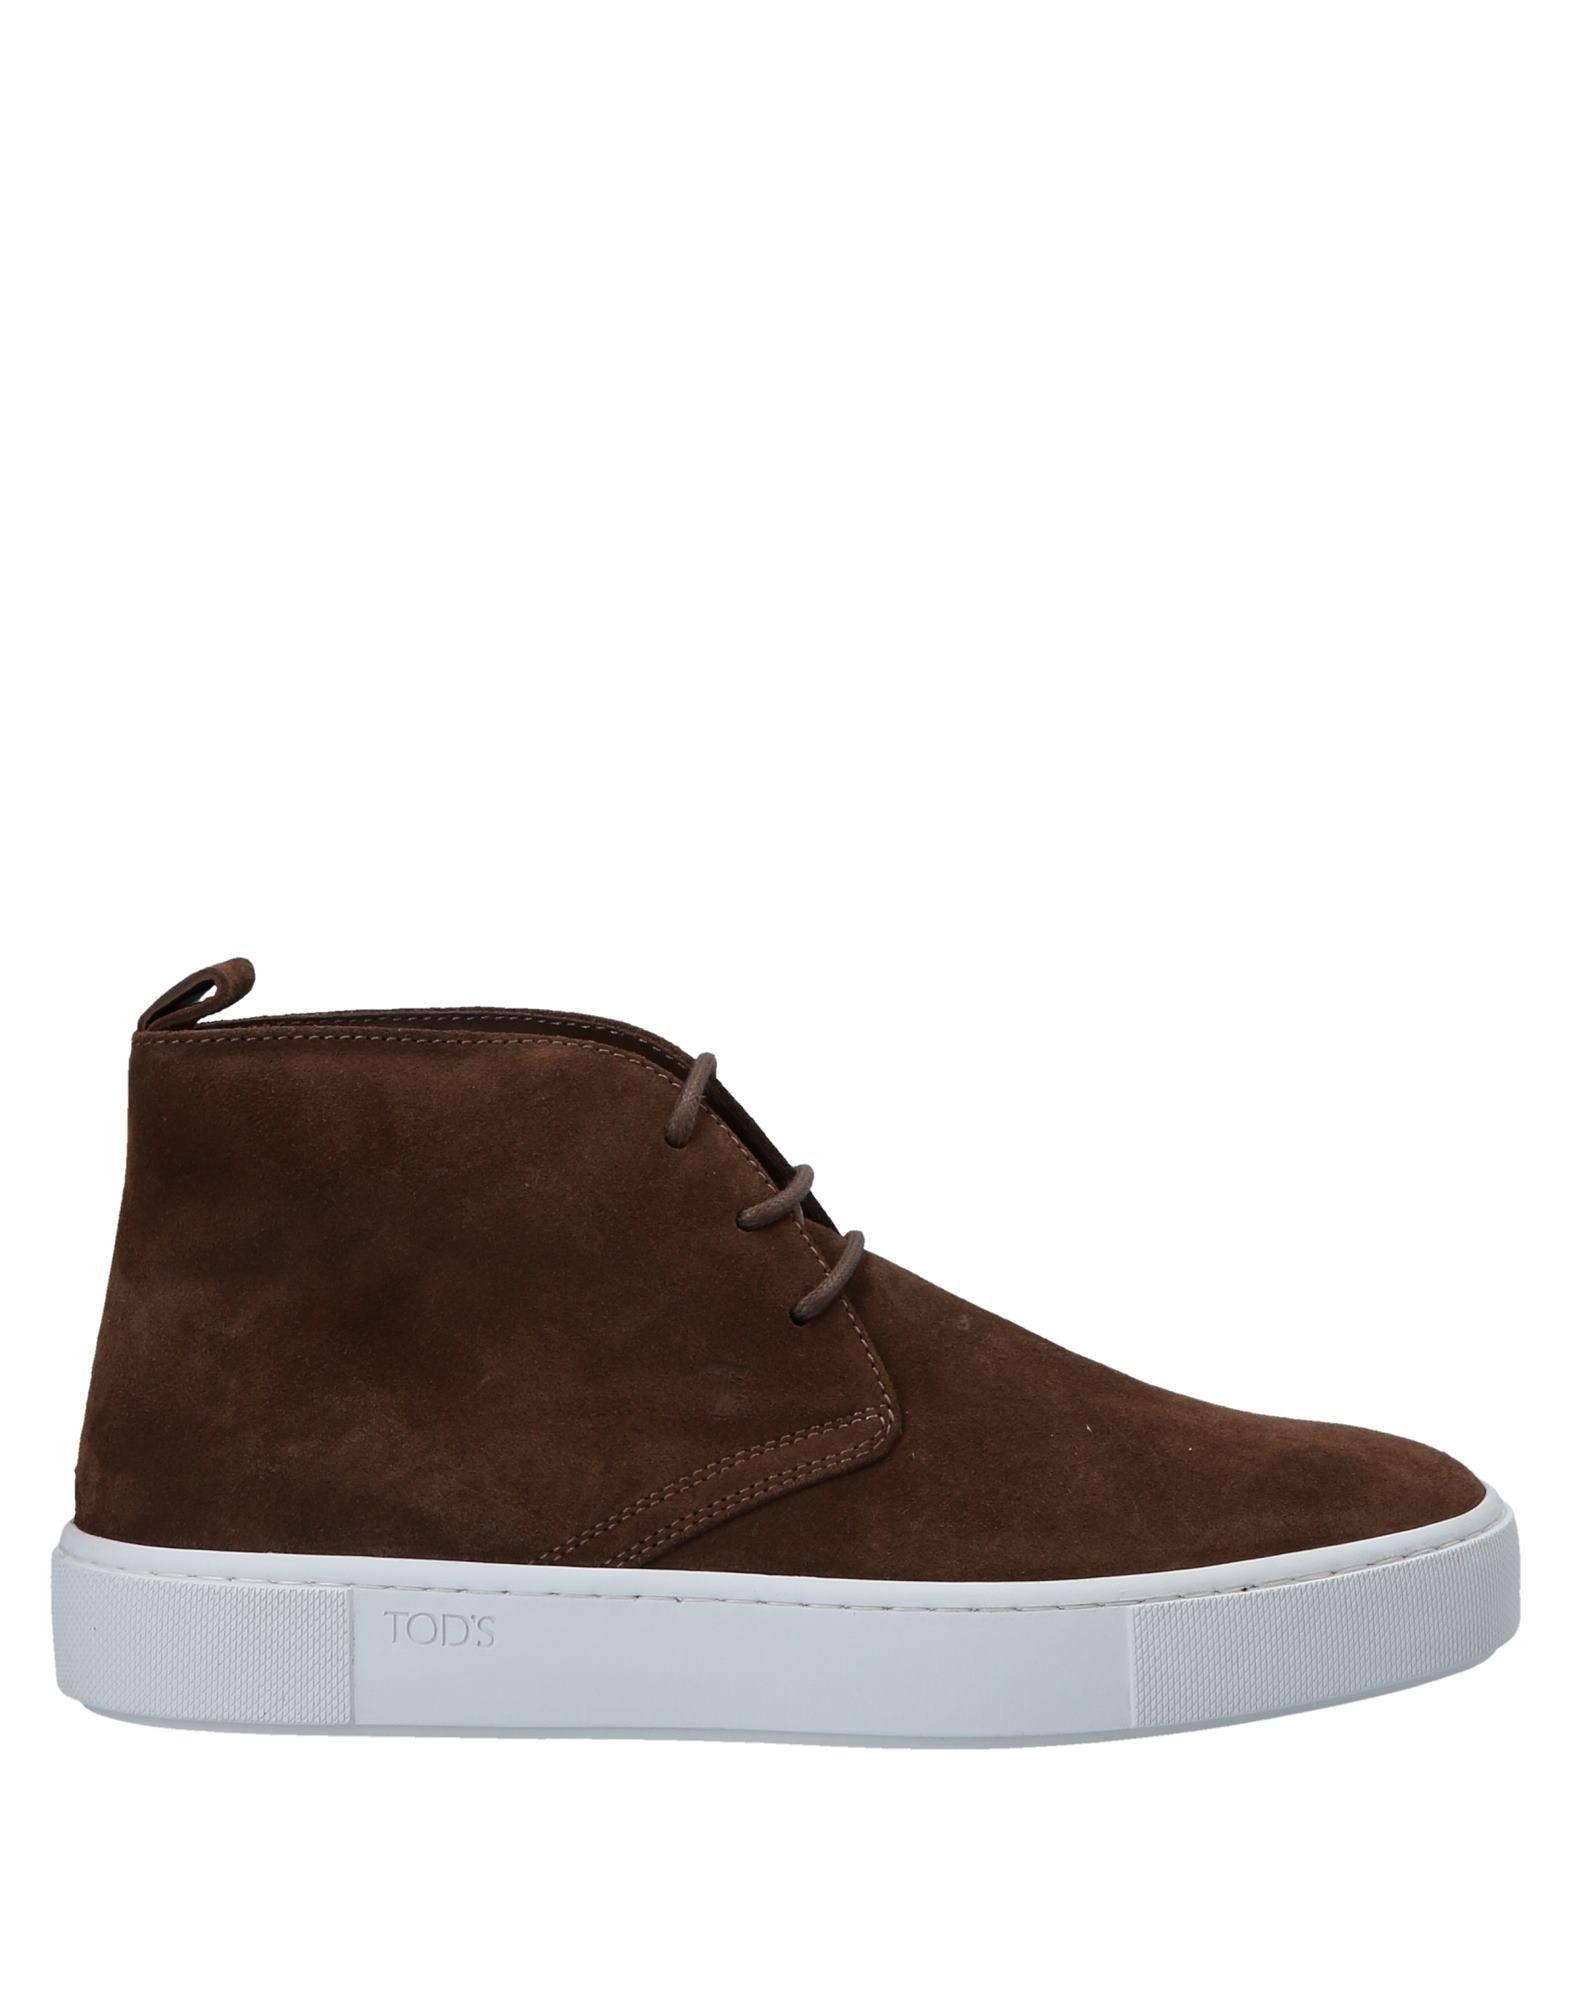 Tod's Stiefelette Herren  11550210NS Gute Qualität beliebte Schuhe